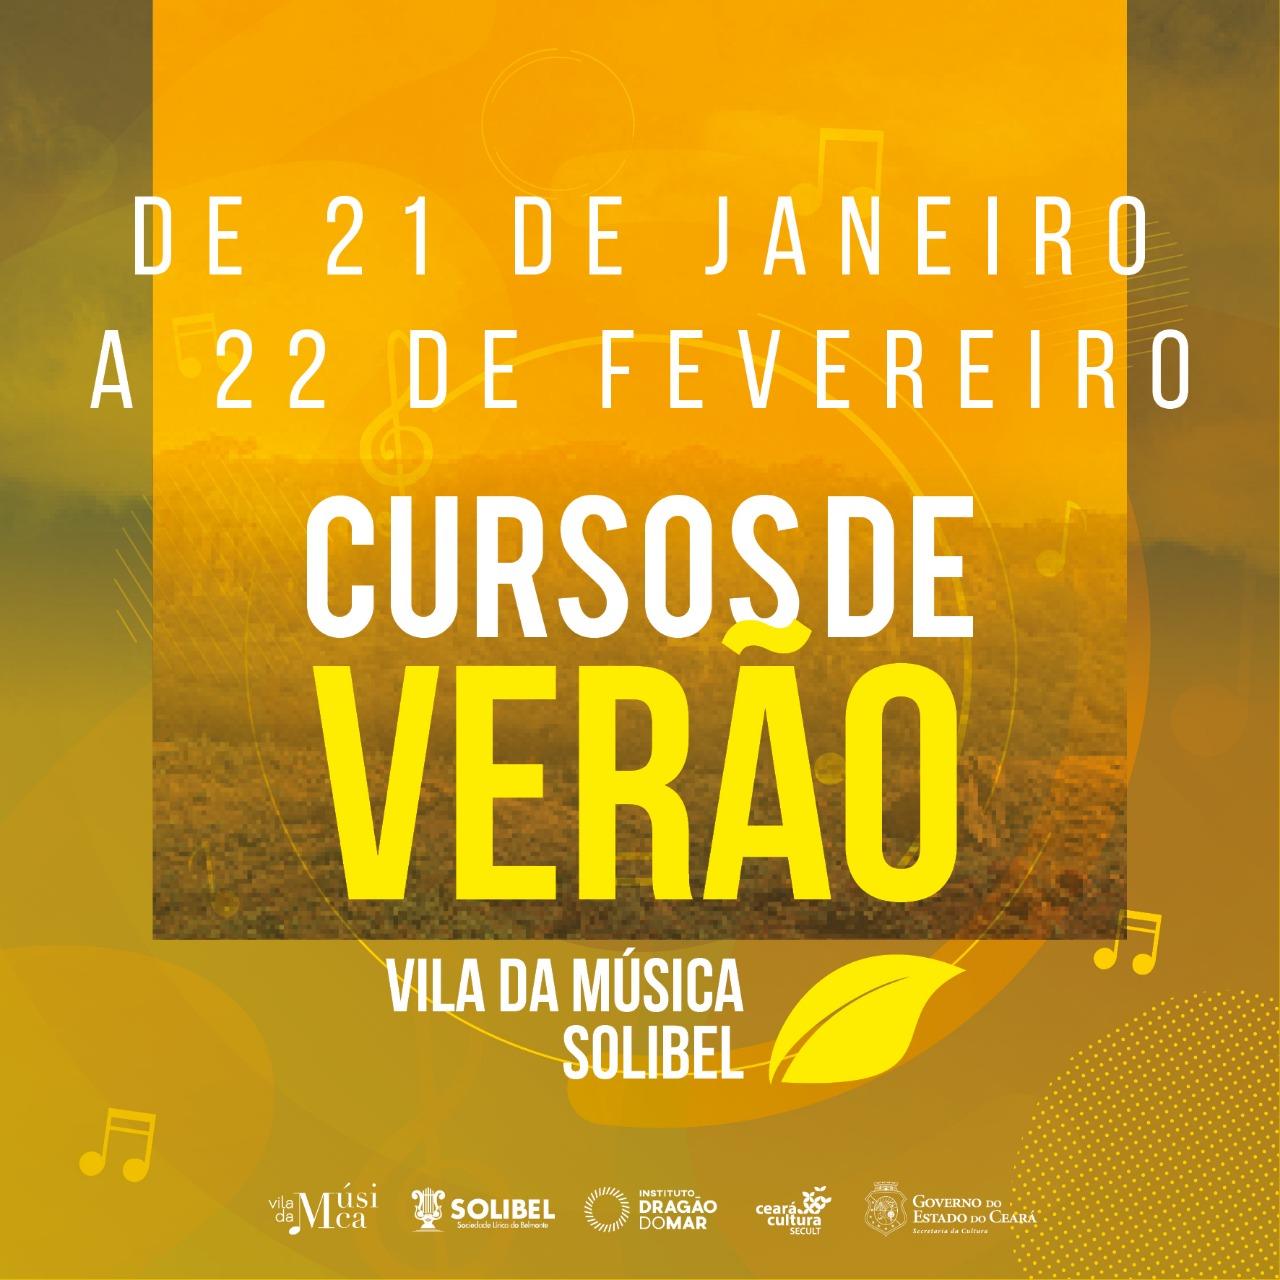 Vila da Música Solibel abre inscrições para Cursos de Verão